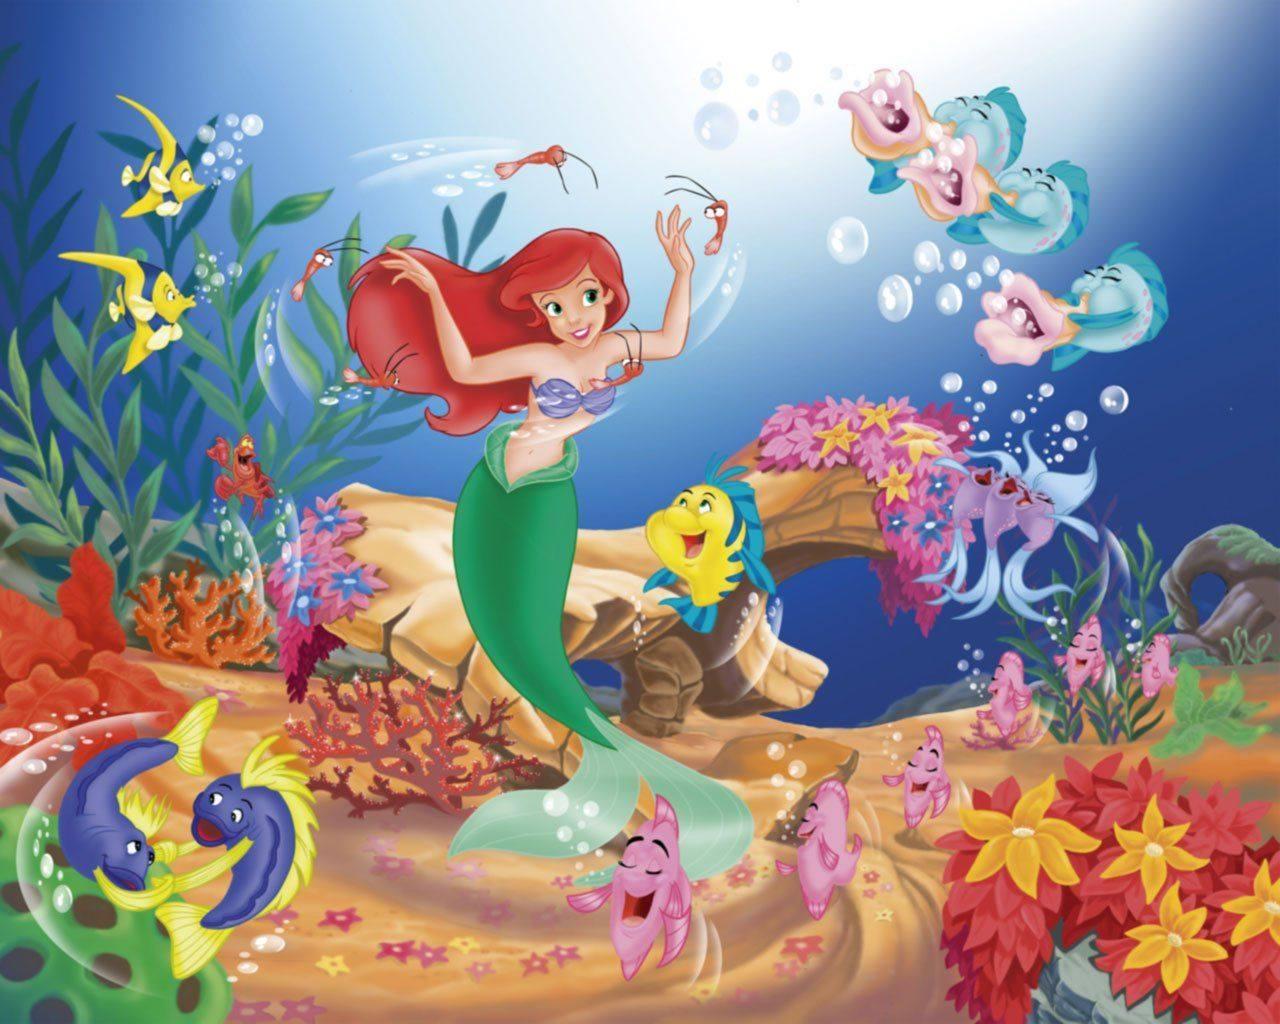 Ariel La Sirenita Para Colorear Para Dibujos De La: La Sirenita Para Colorear【2019 】Dibujos De La SIRENITA